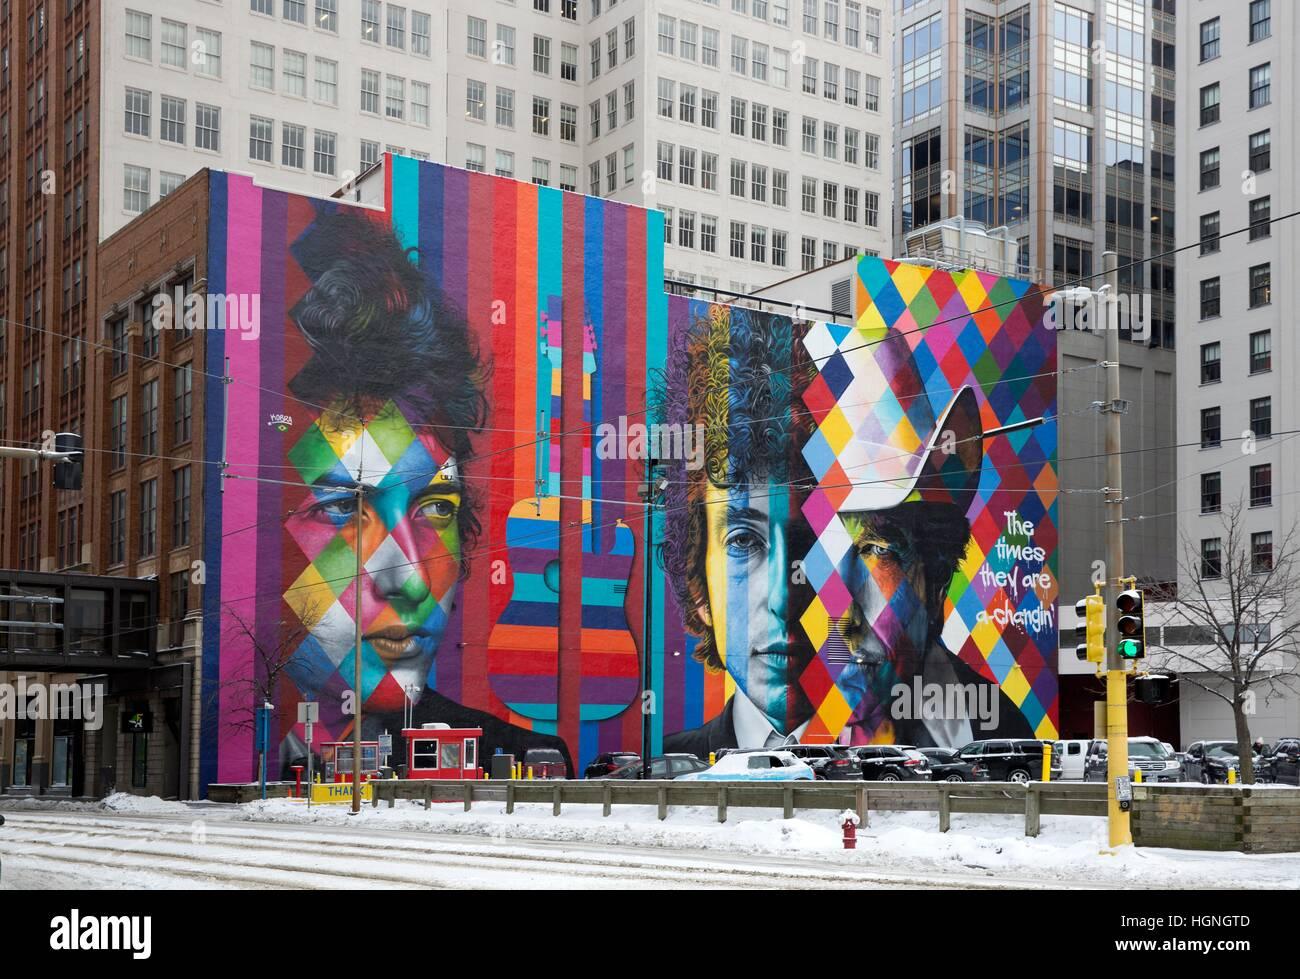 Wandbild von Bob Dylan des brasilianischen Künstlers Eduardo Kobra in der Innenstadt von Minneapolis, Minnesota Stockfoto